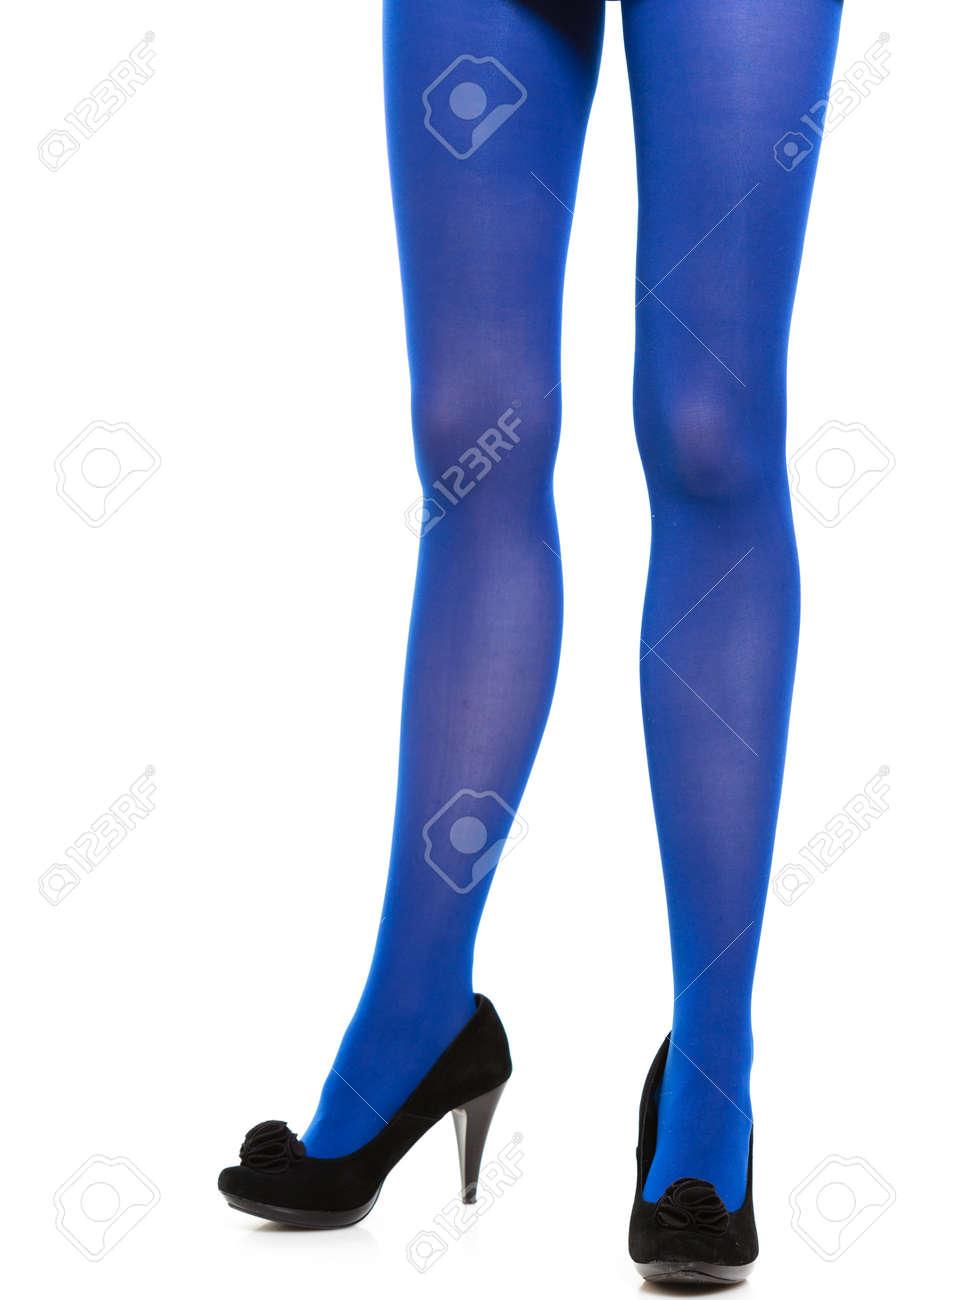 Largas Moda Zapatos Y Mujer Medias Femenina Piernas Con La Azules BXgfqq